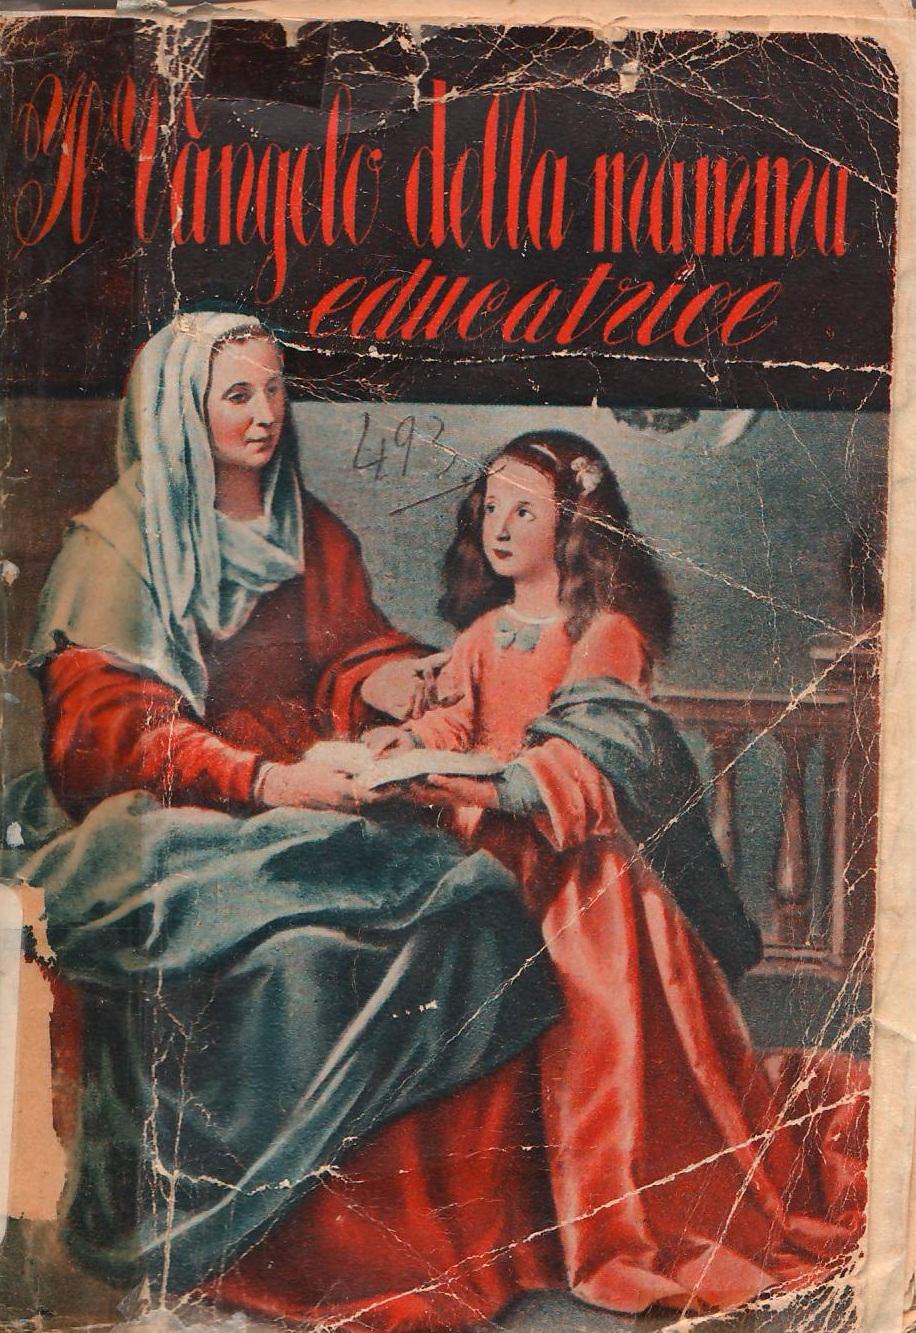 Il Vangelo della mamma educatrice